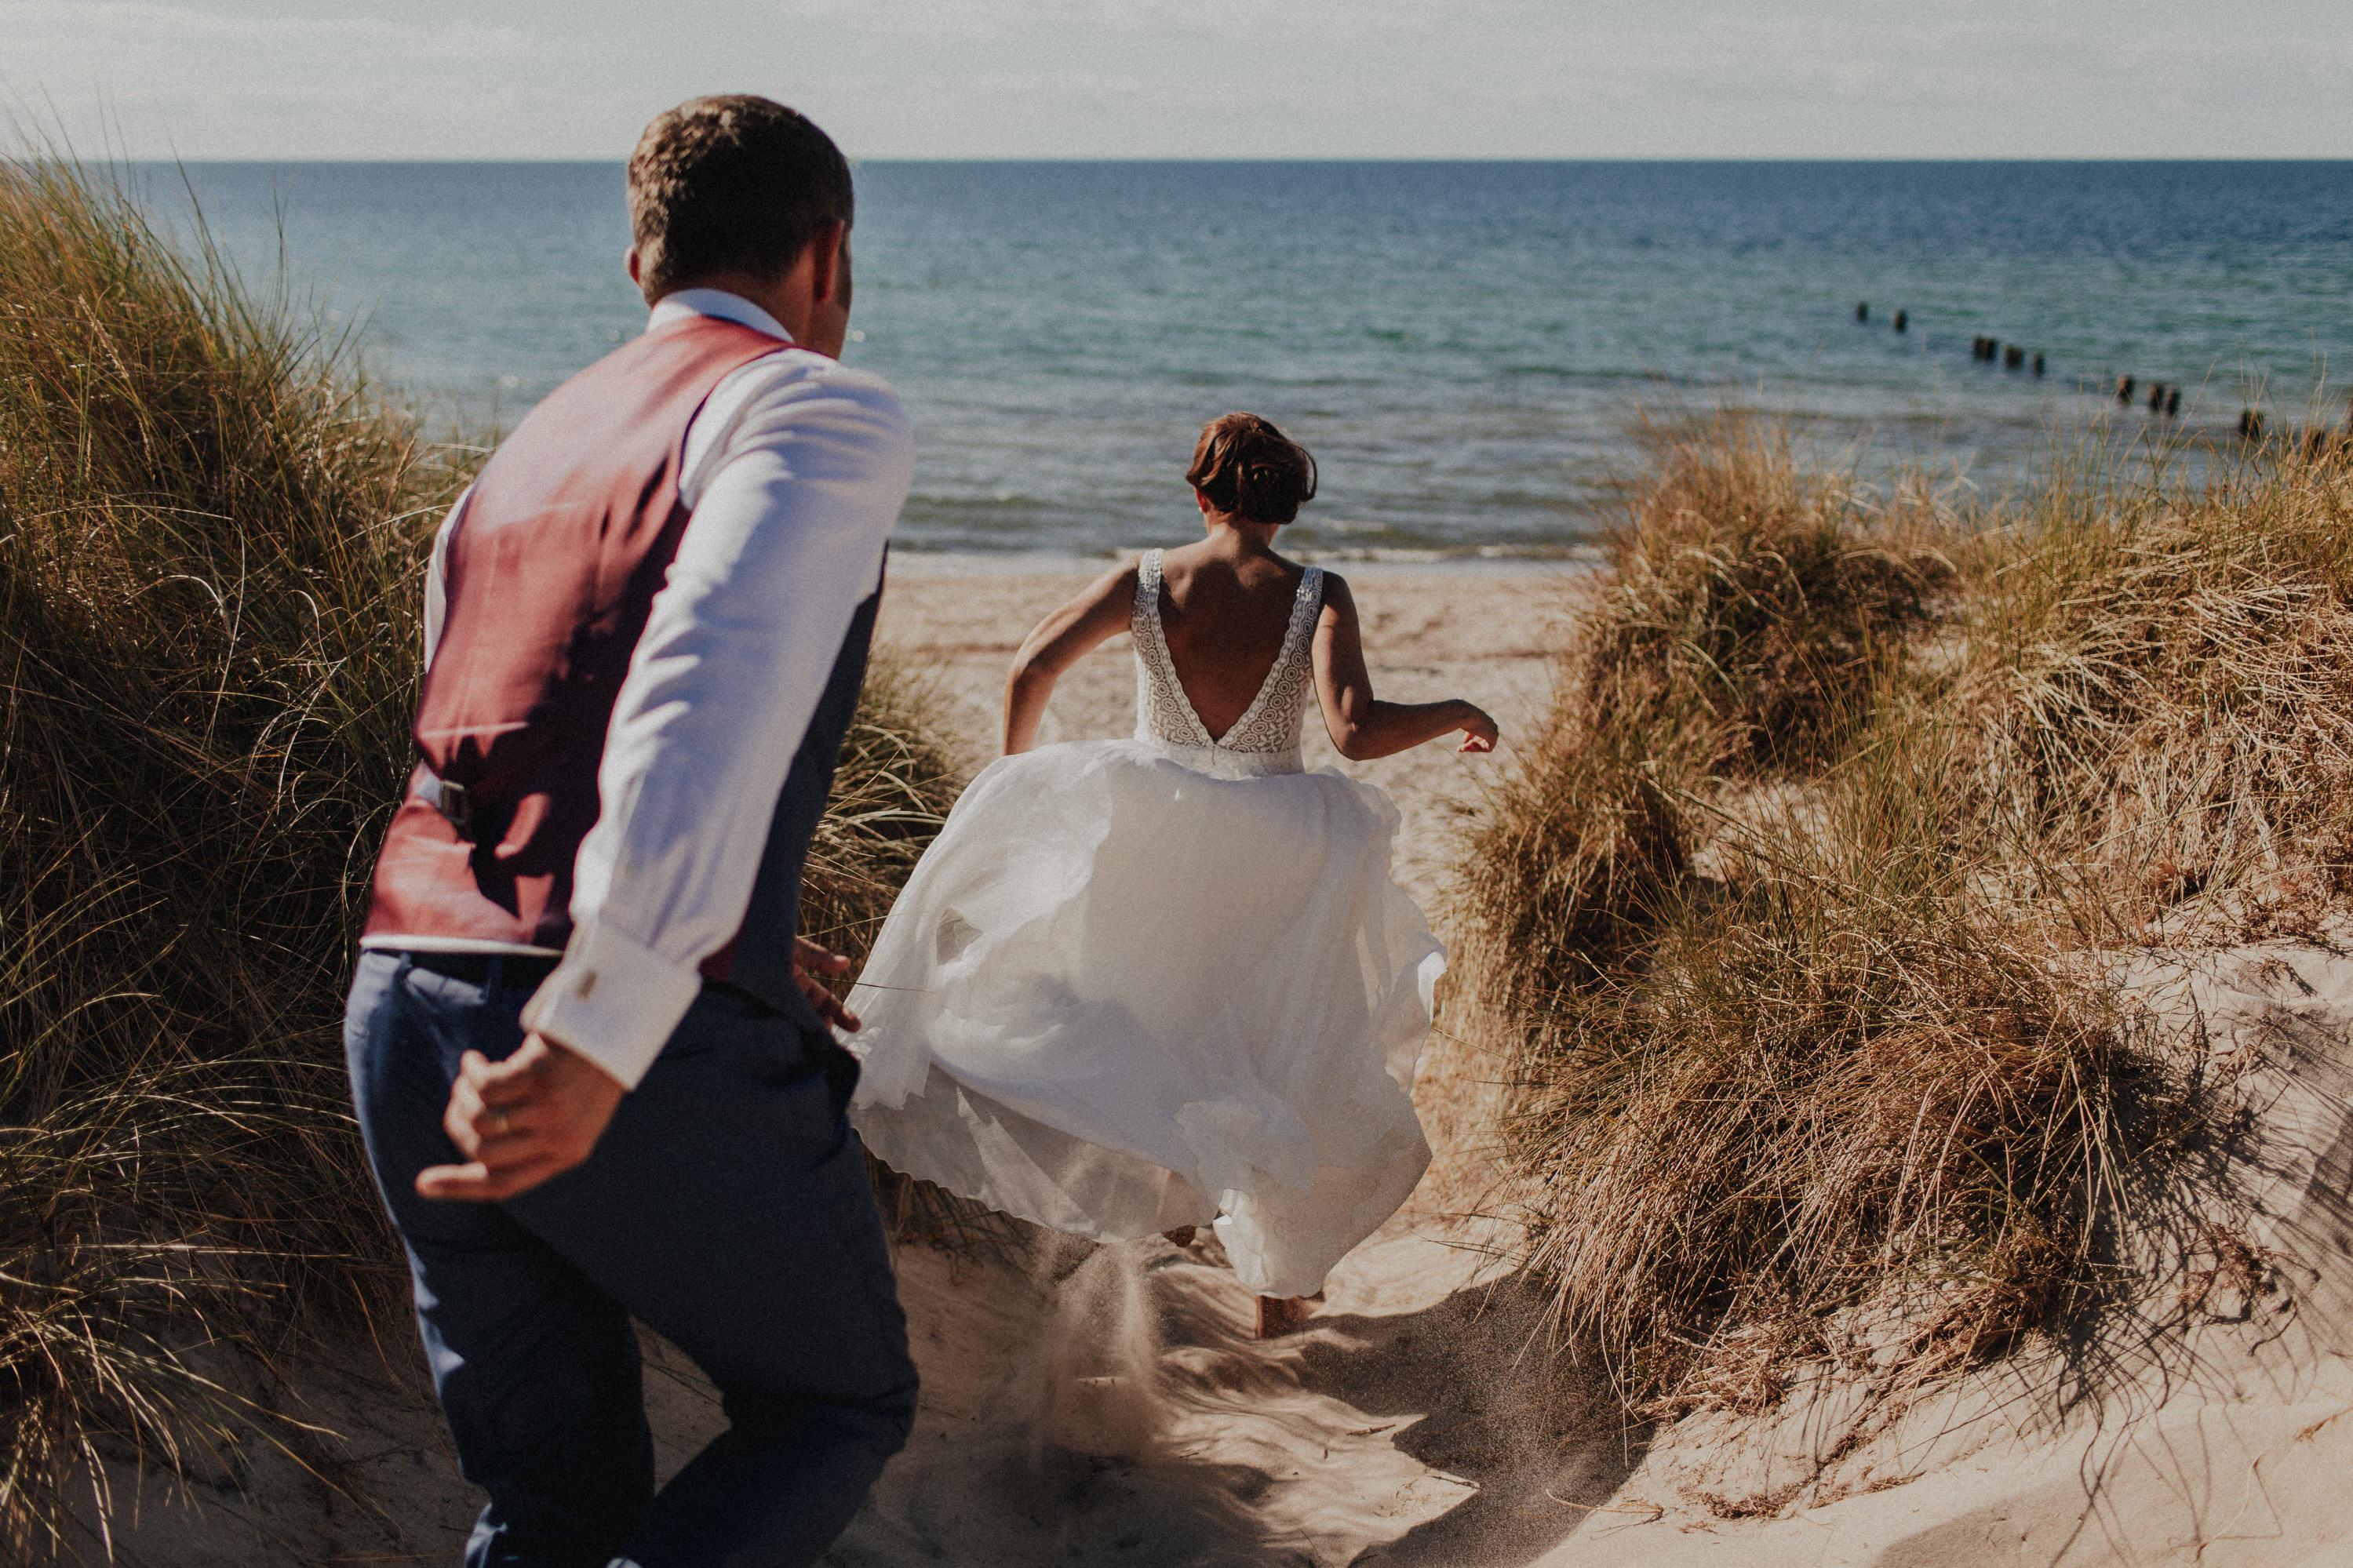 Hochzeitsfotograf-Potsdam-Hochzeit-Blaue-Boje-Markgrafenheide-Ostsee-Warnemünde-140-Tom-und-Lia-Fotografie